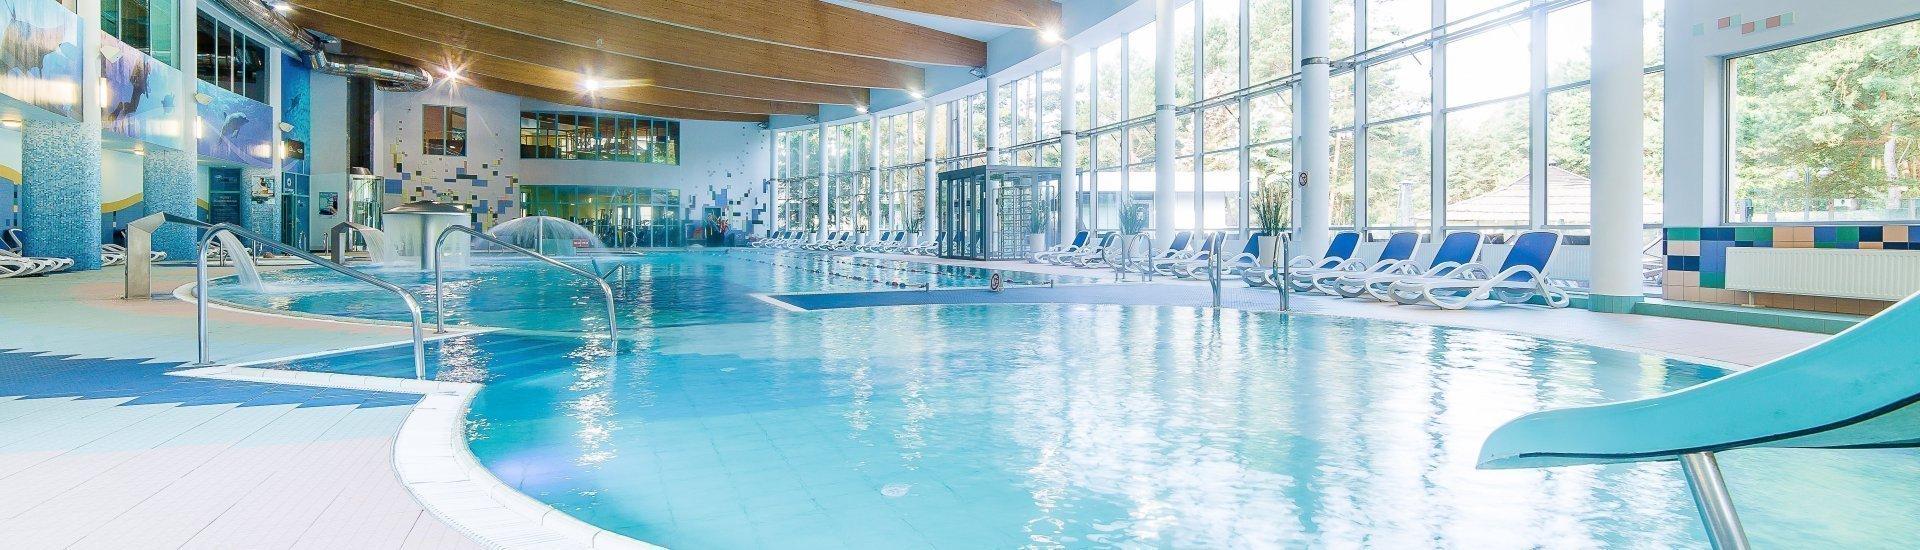 Jak duży jest basen w hotelu?